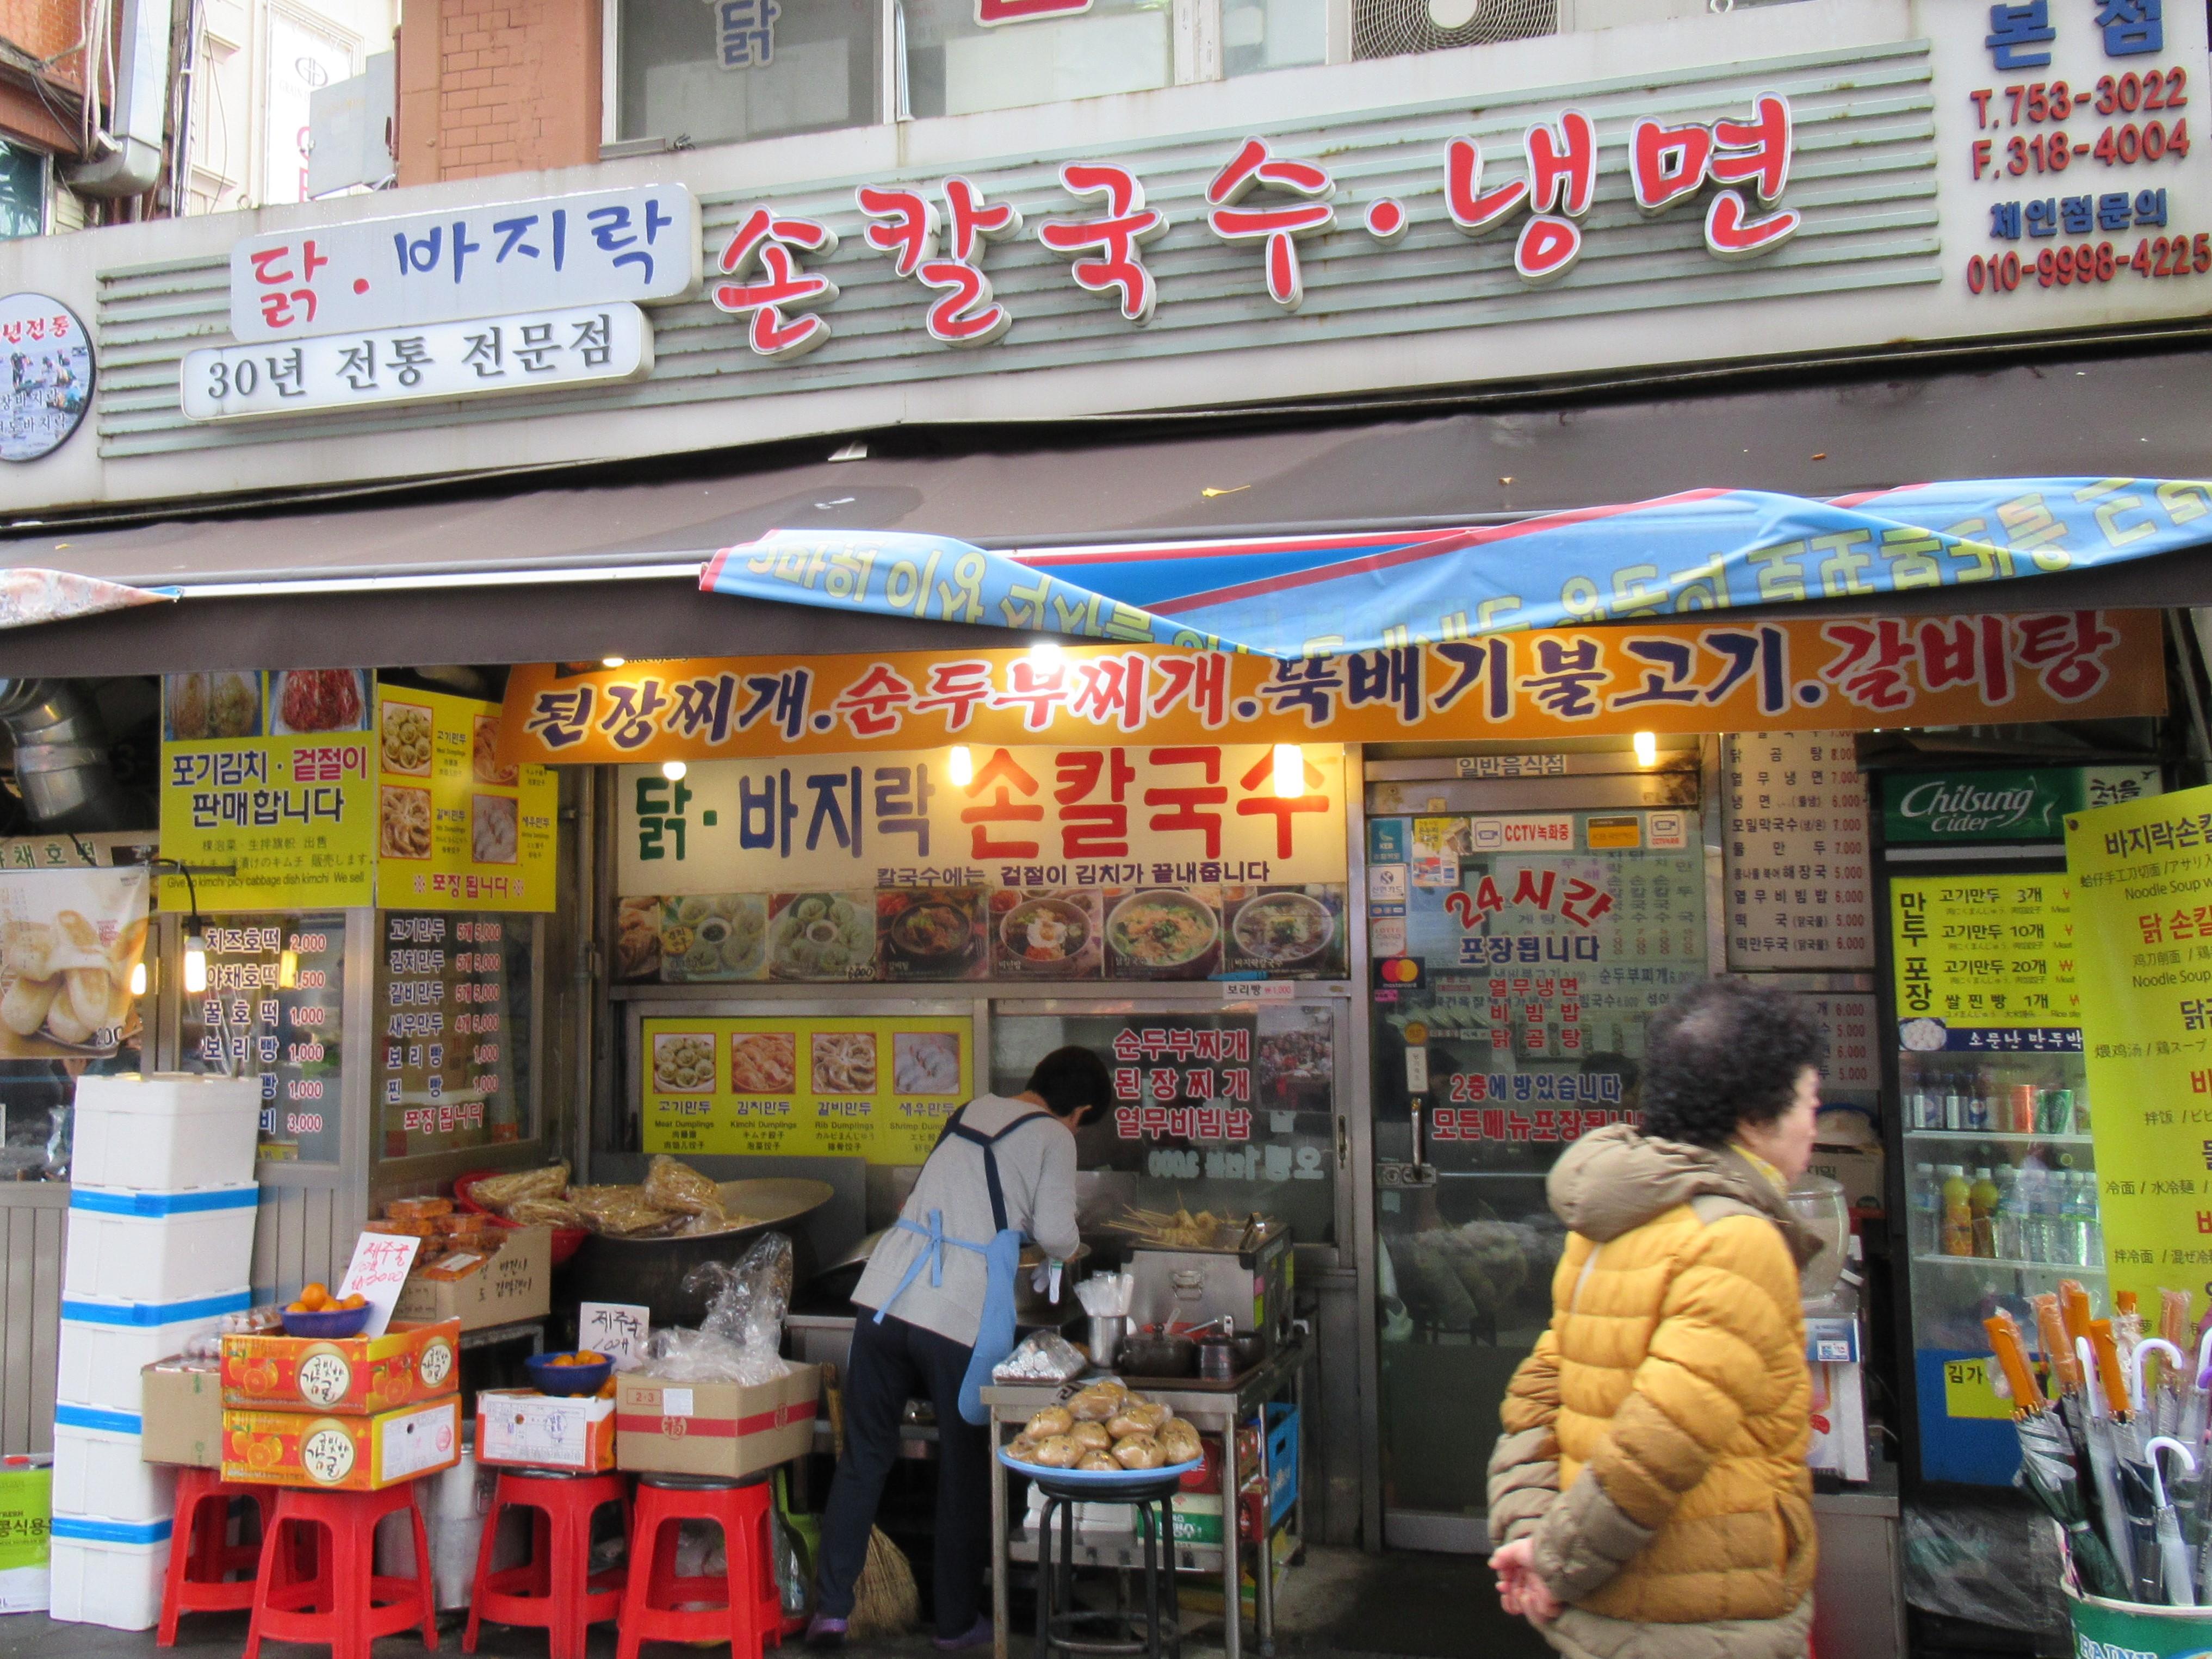 南大門の朝食や昼食にオススメな食堂「ソンカルククス」のメニューとオーダー品|韓国ブログ旅